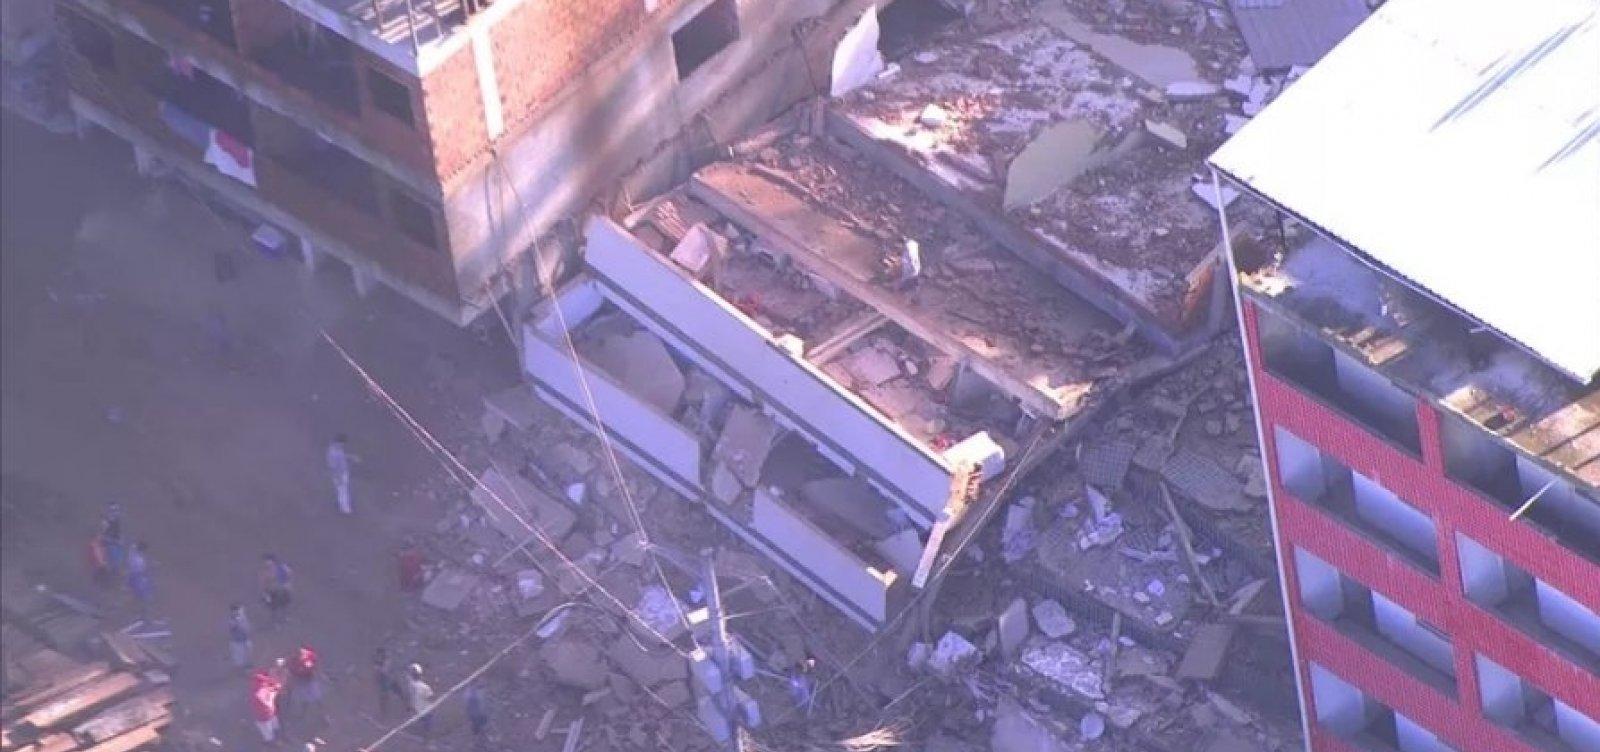 [Dois prédios desabam em comunidade da Zona Oeste do RJ]